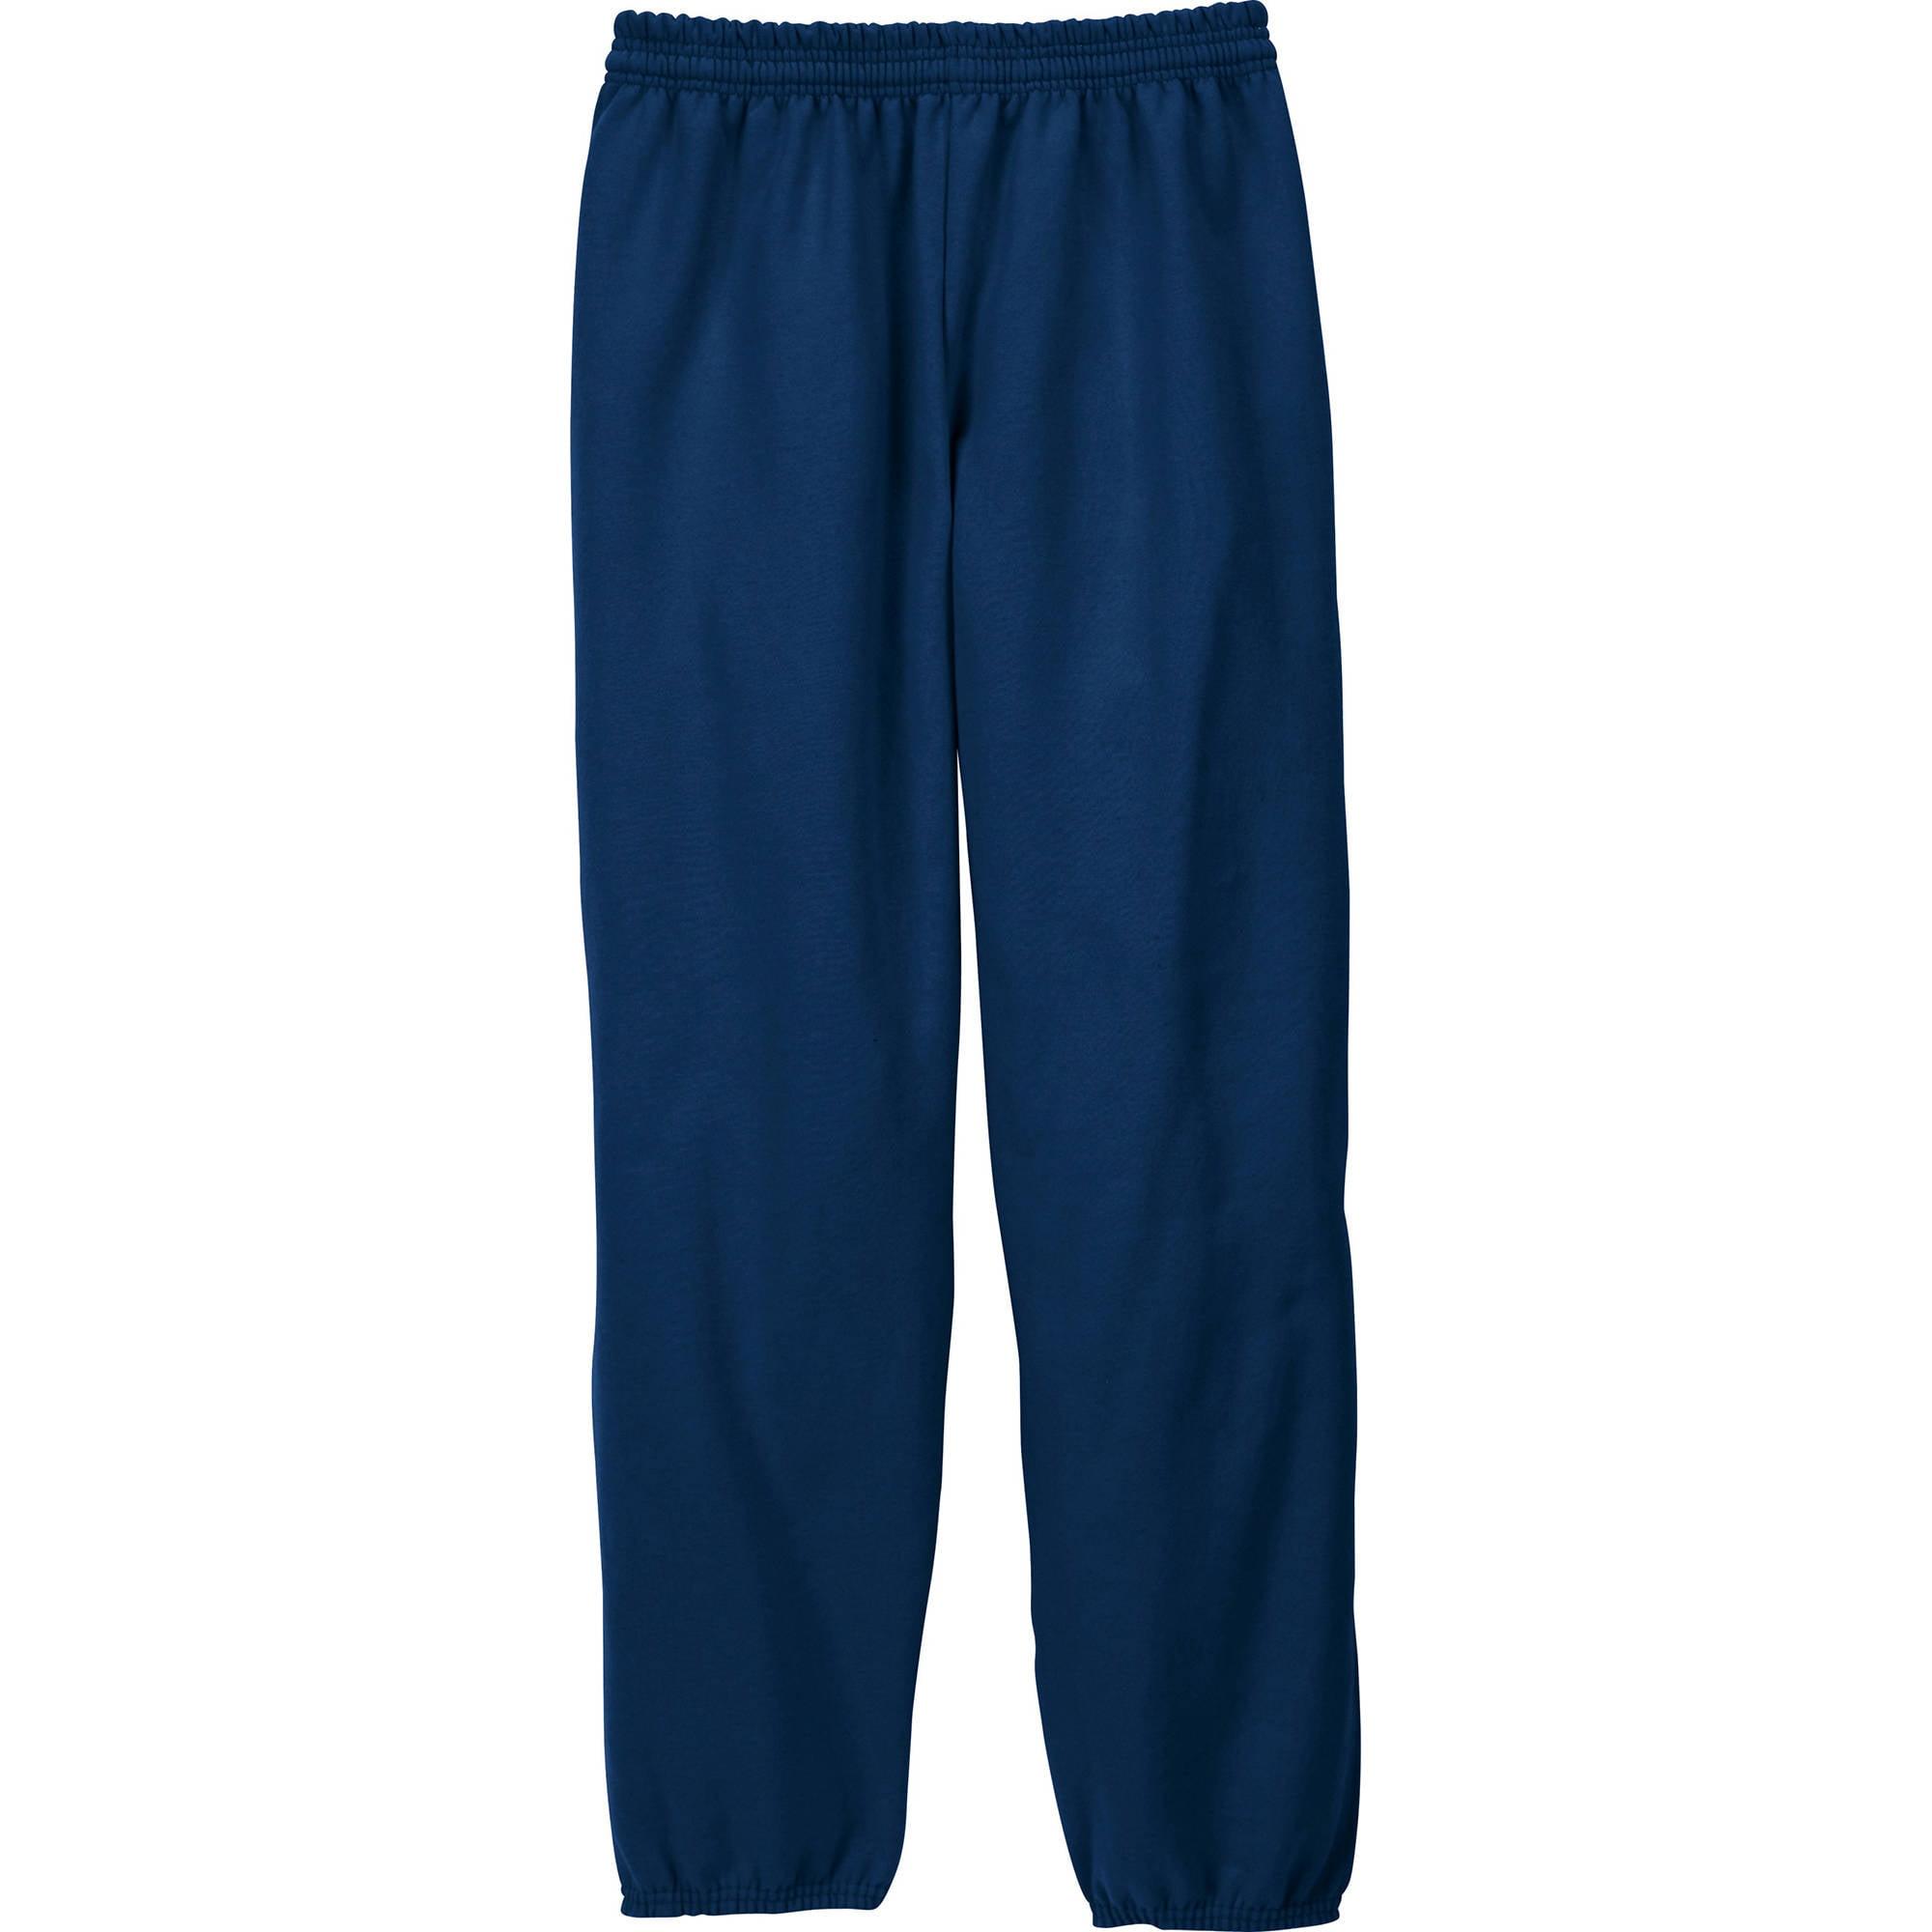 Hanes Men's EcoSmart Fleece Sweatpant - Walmart.com